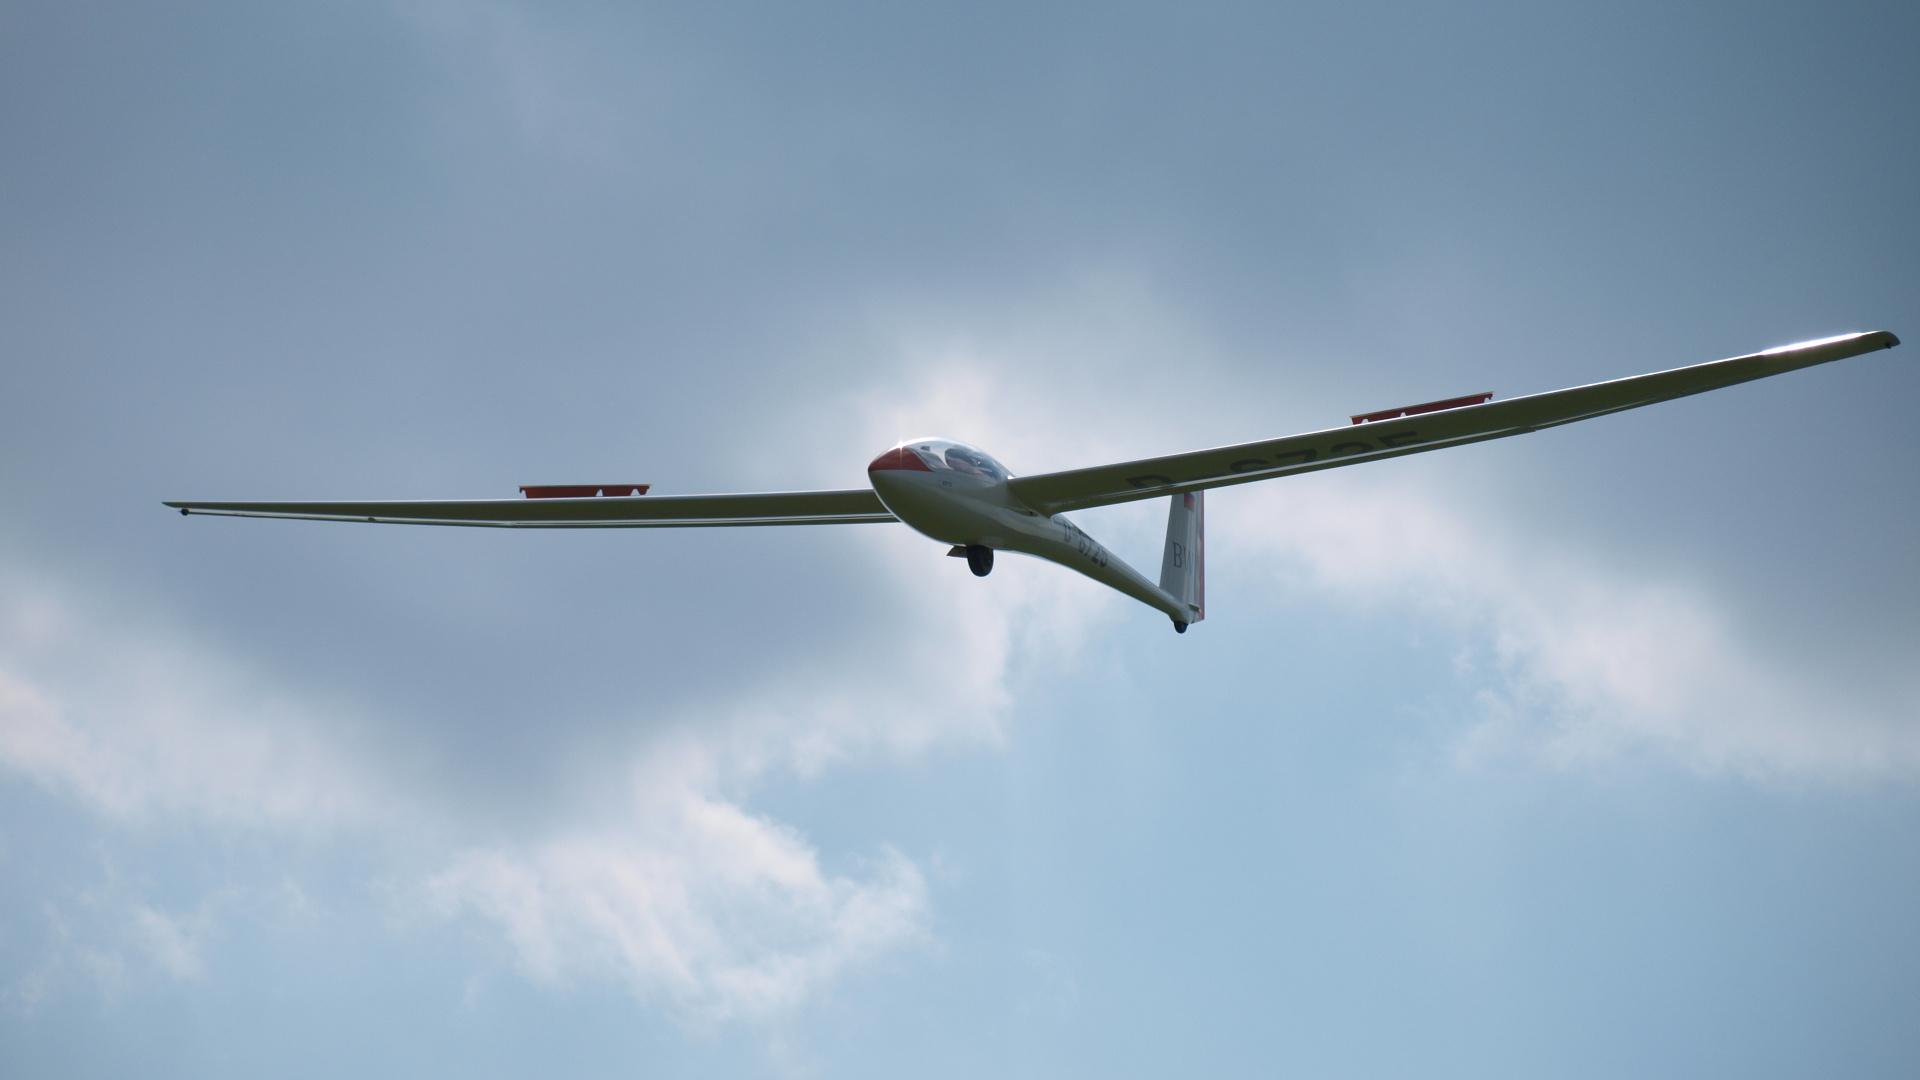 Landeanflug Segelflugzeug